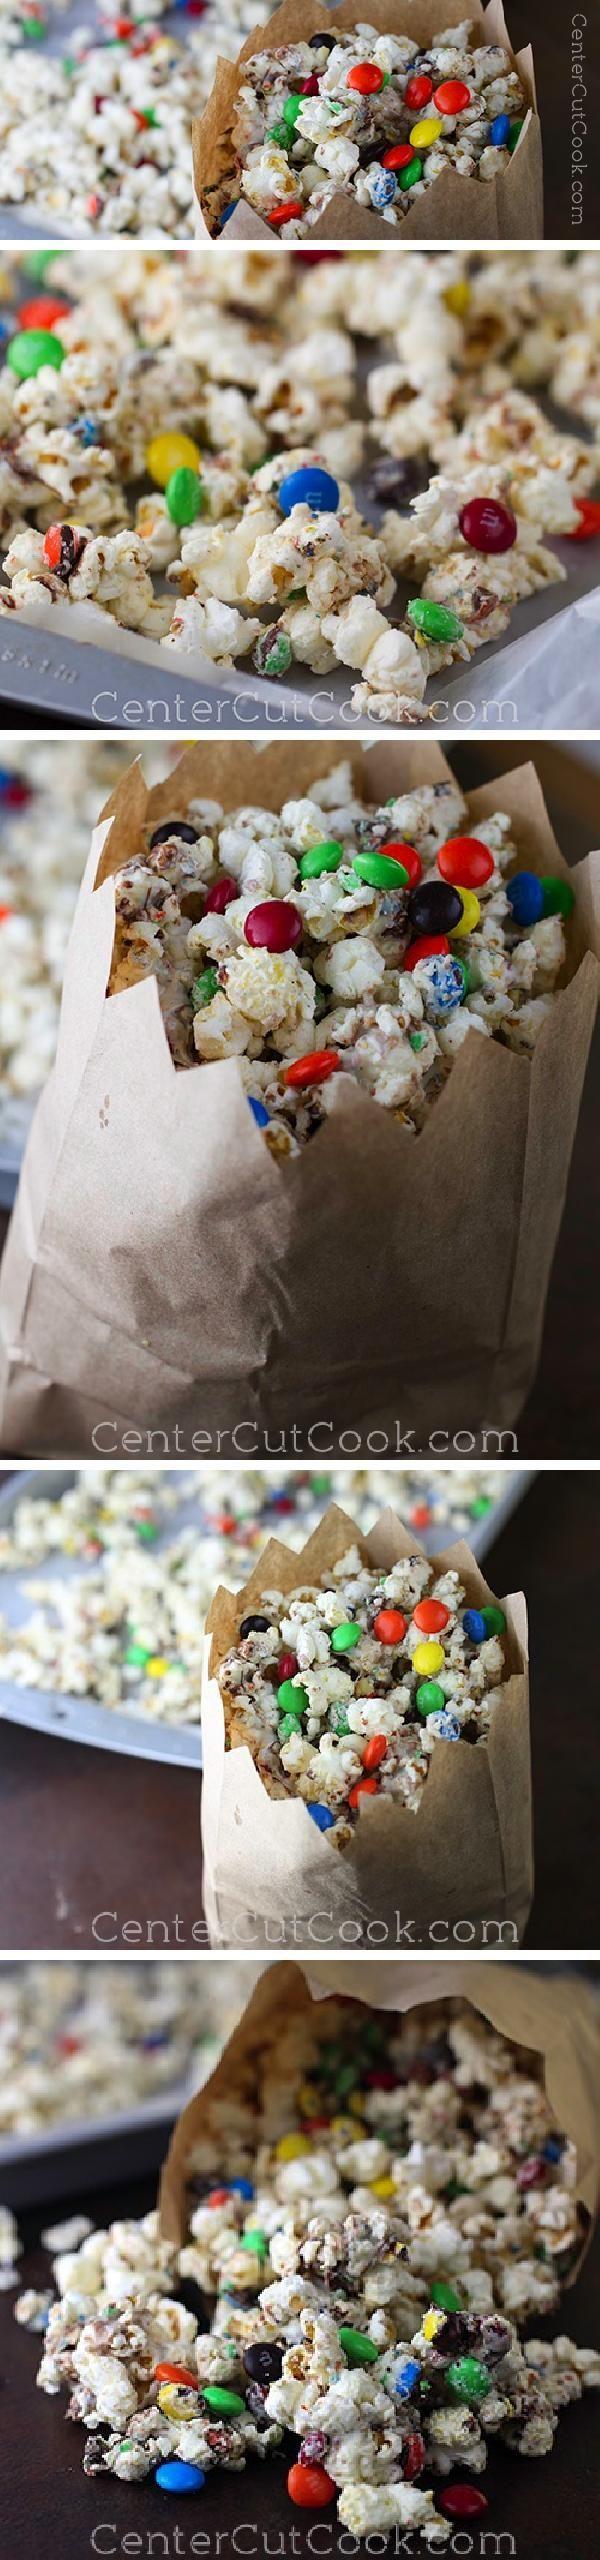 17 best images about candy shop frozen yogurt candy centerpieces